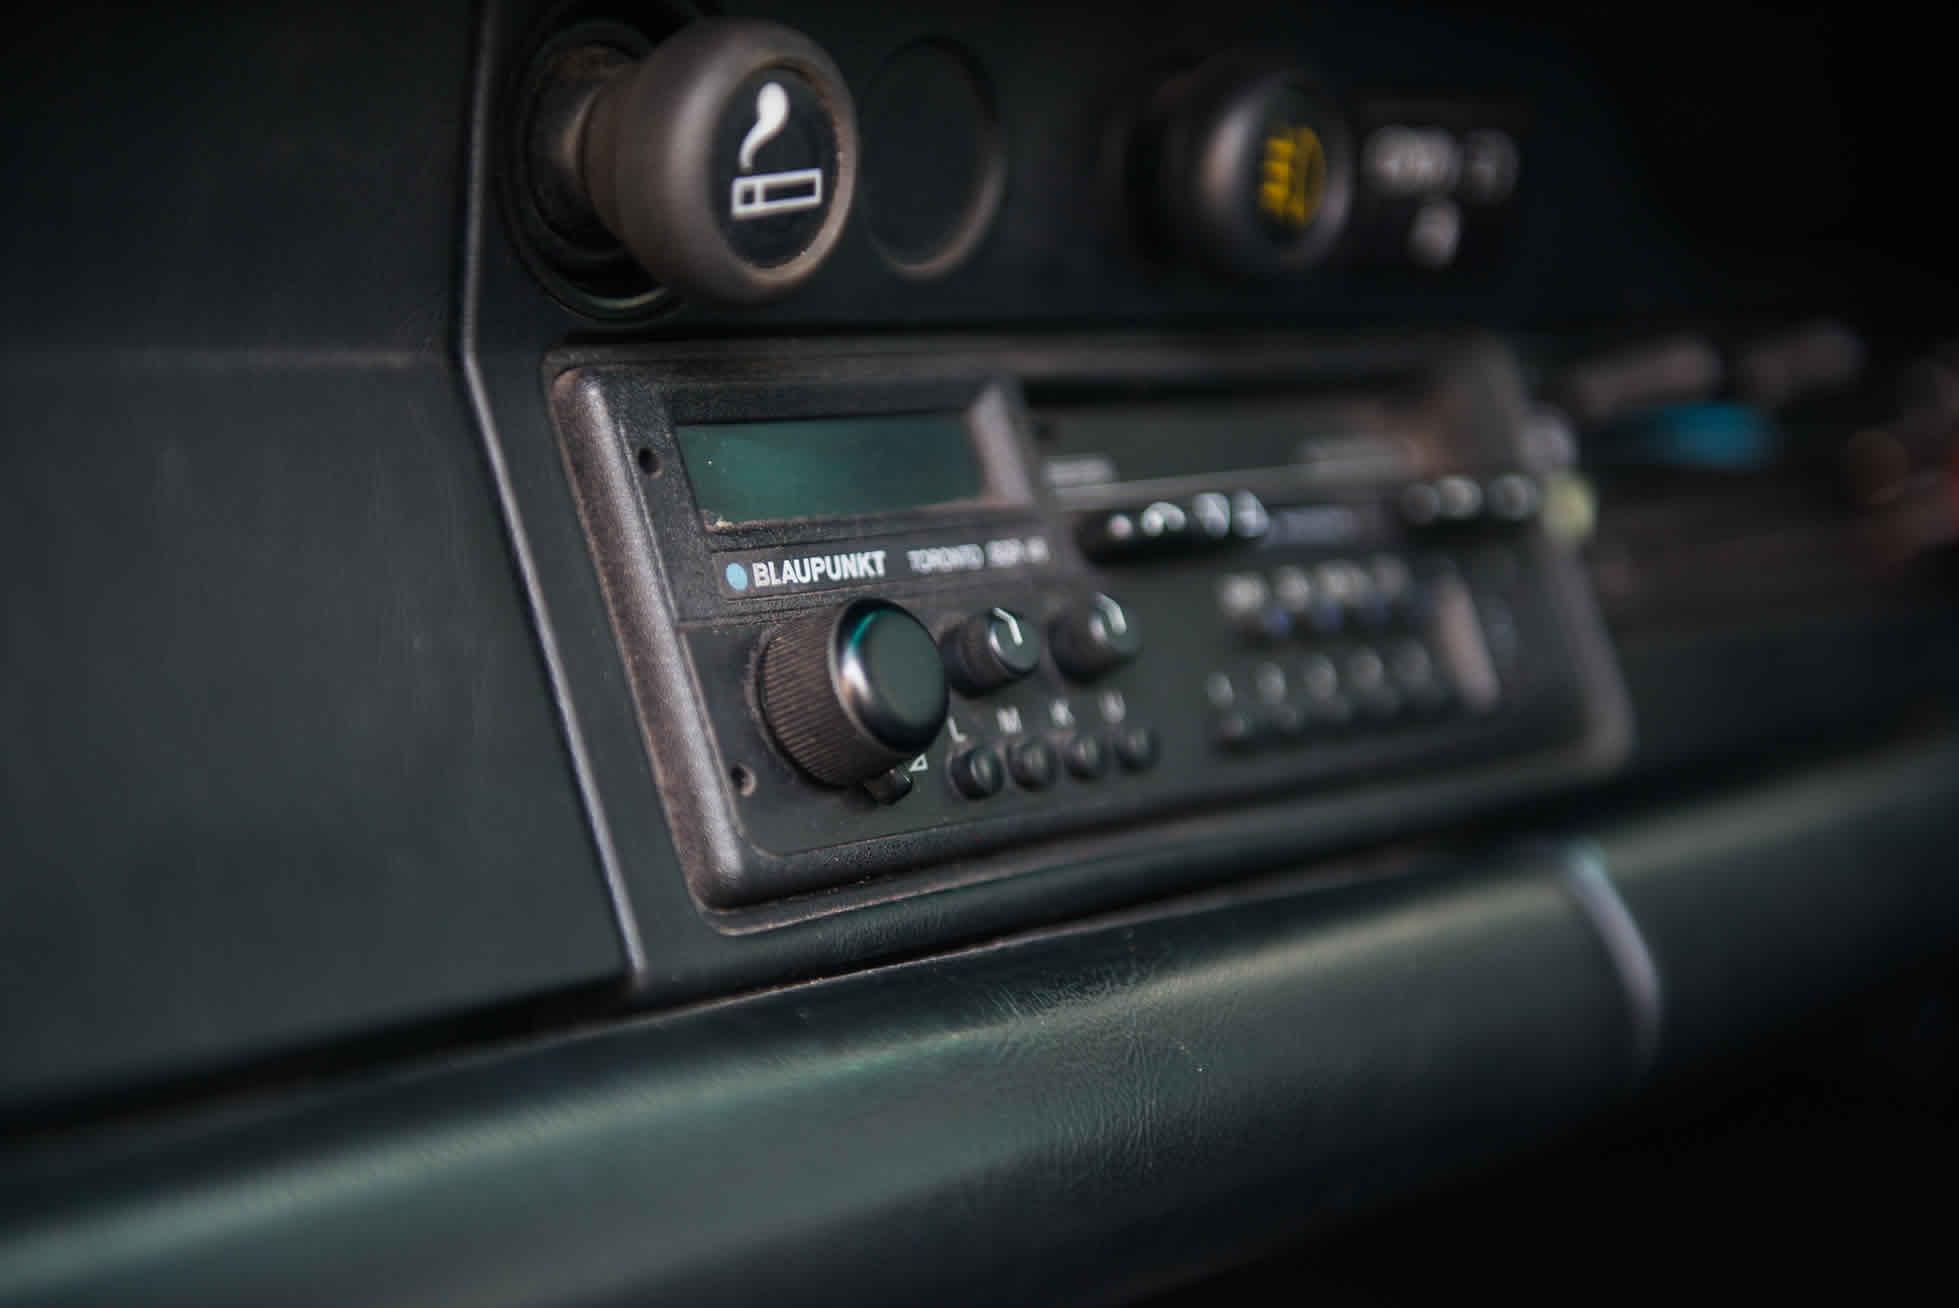 For Sale 1989 Porsche 3.2 Carrera Club Sport stereo